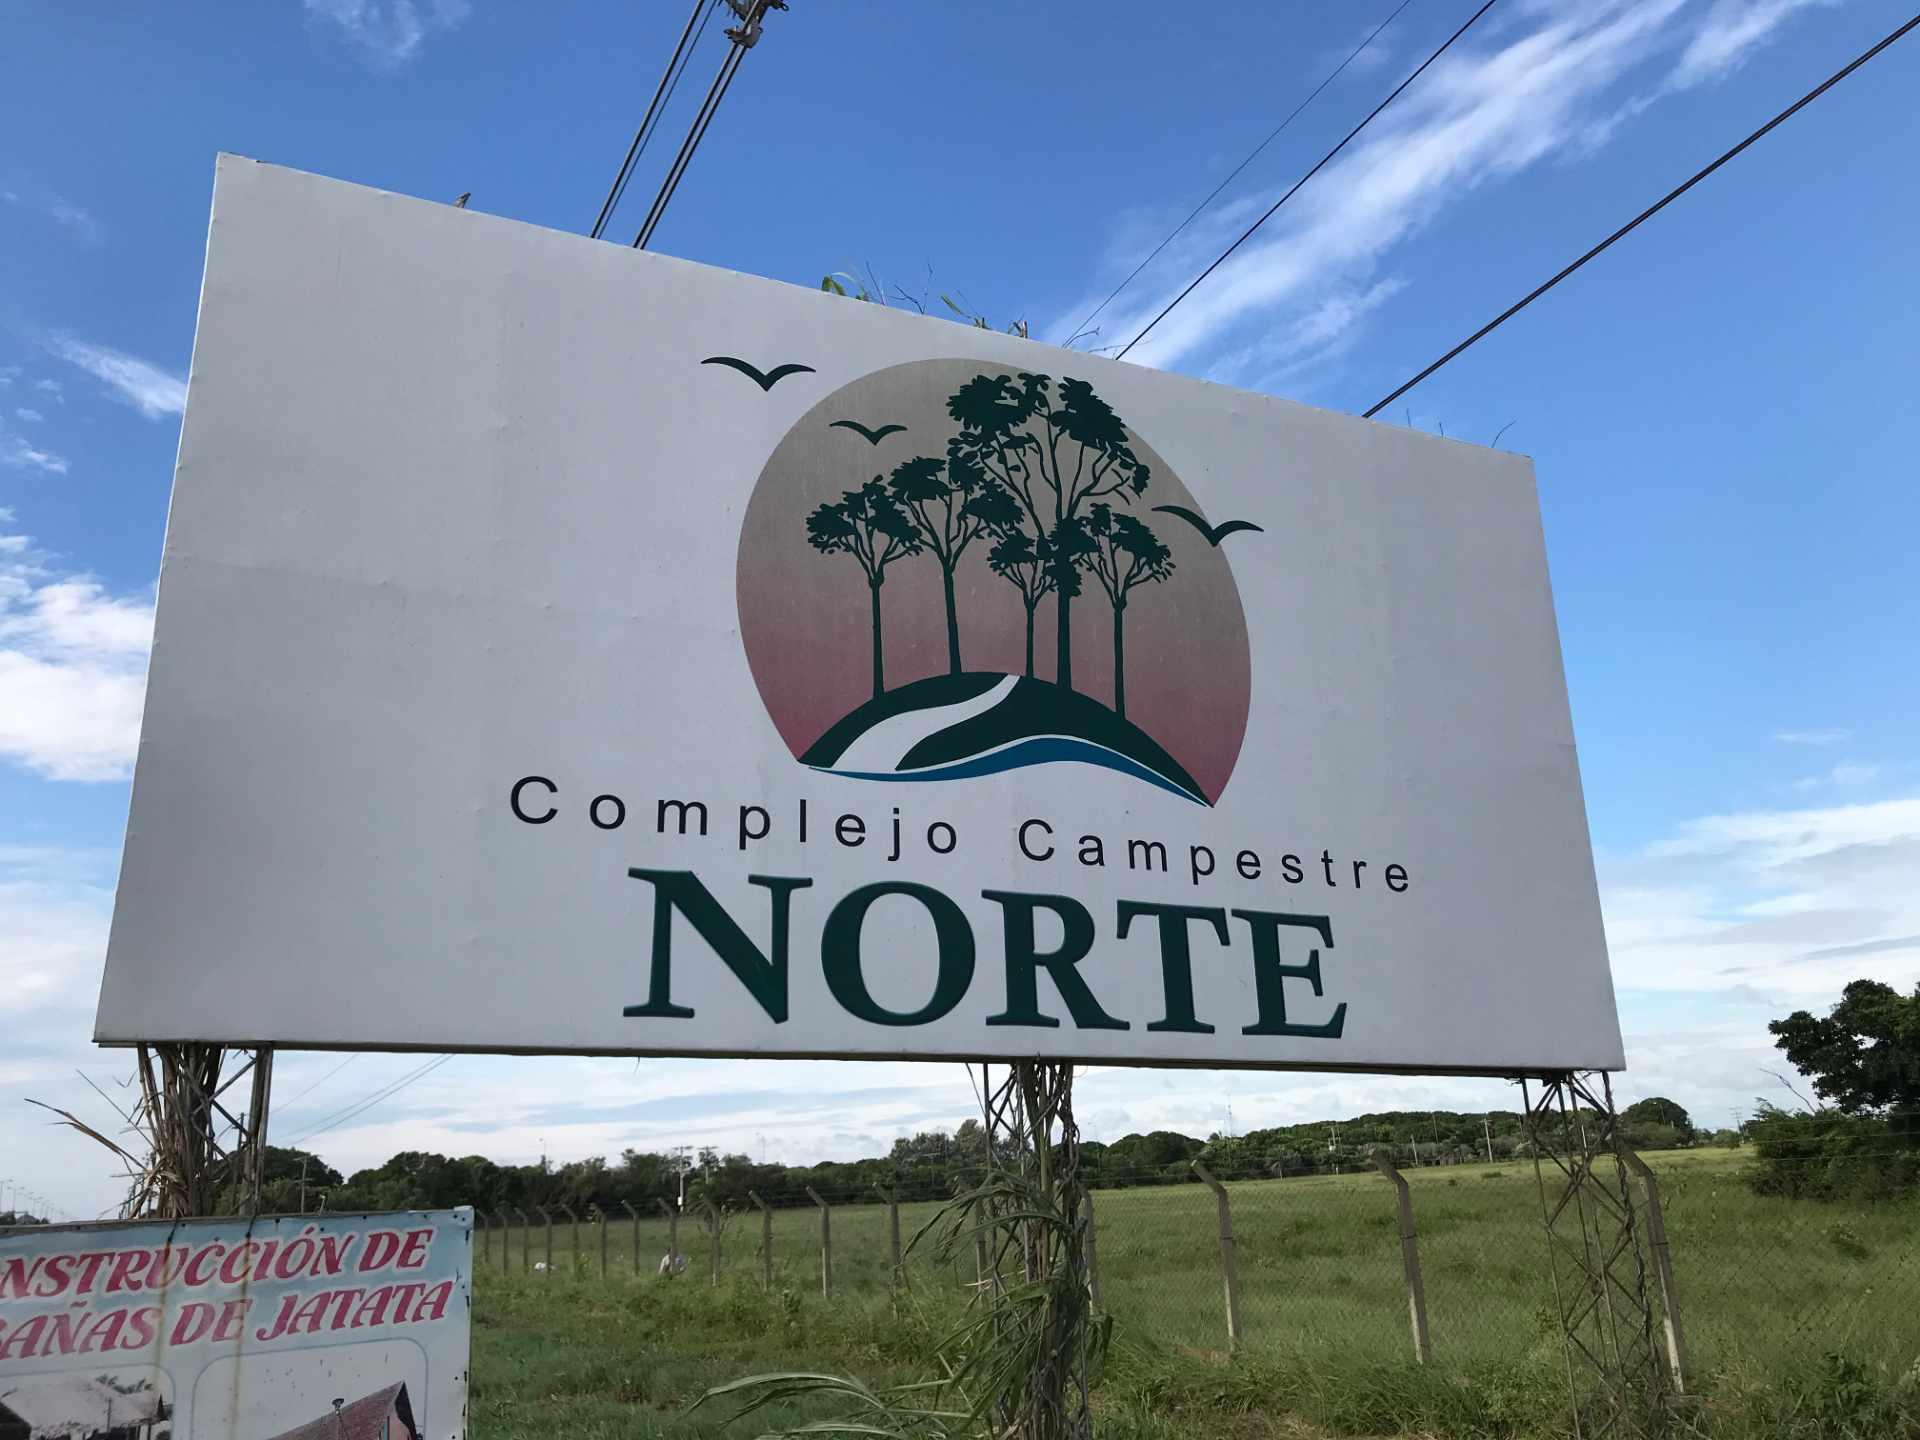 Terreno en Venta Complejo Campestre Norte, Km 23 Carretera al Norte.  Foto 21